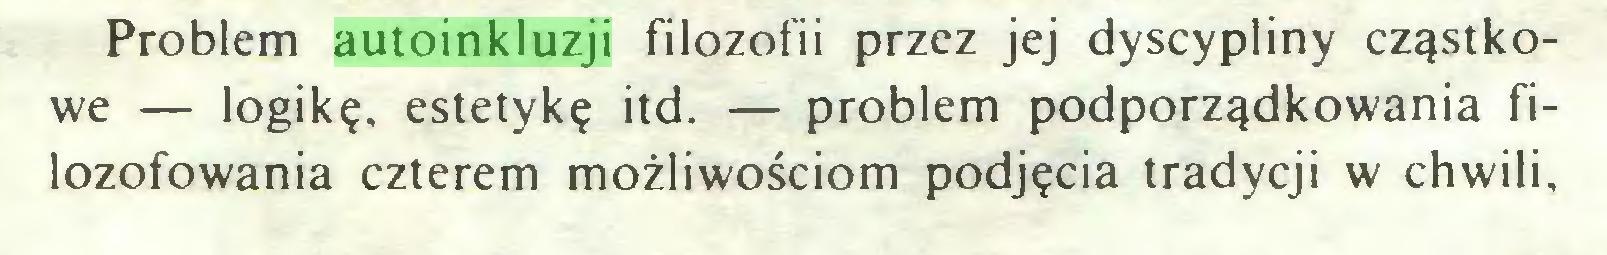 (...) Problem autoinkluzji filozofii przez jej dyscypliny cząstkowe — logikę, estetykę itd. — problem podporządkowania filozofowania czterem możliwościom podjęcia tradycji w chwili...